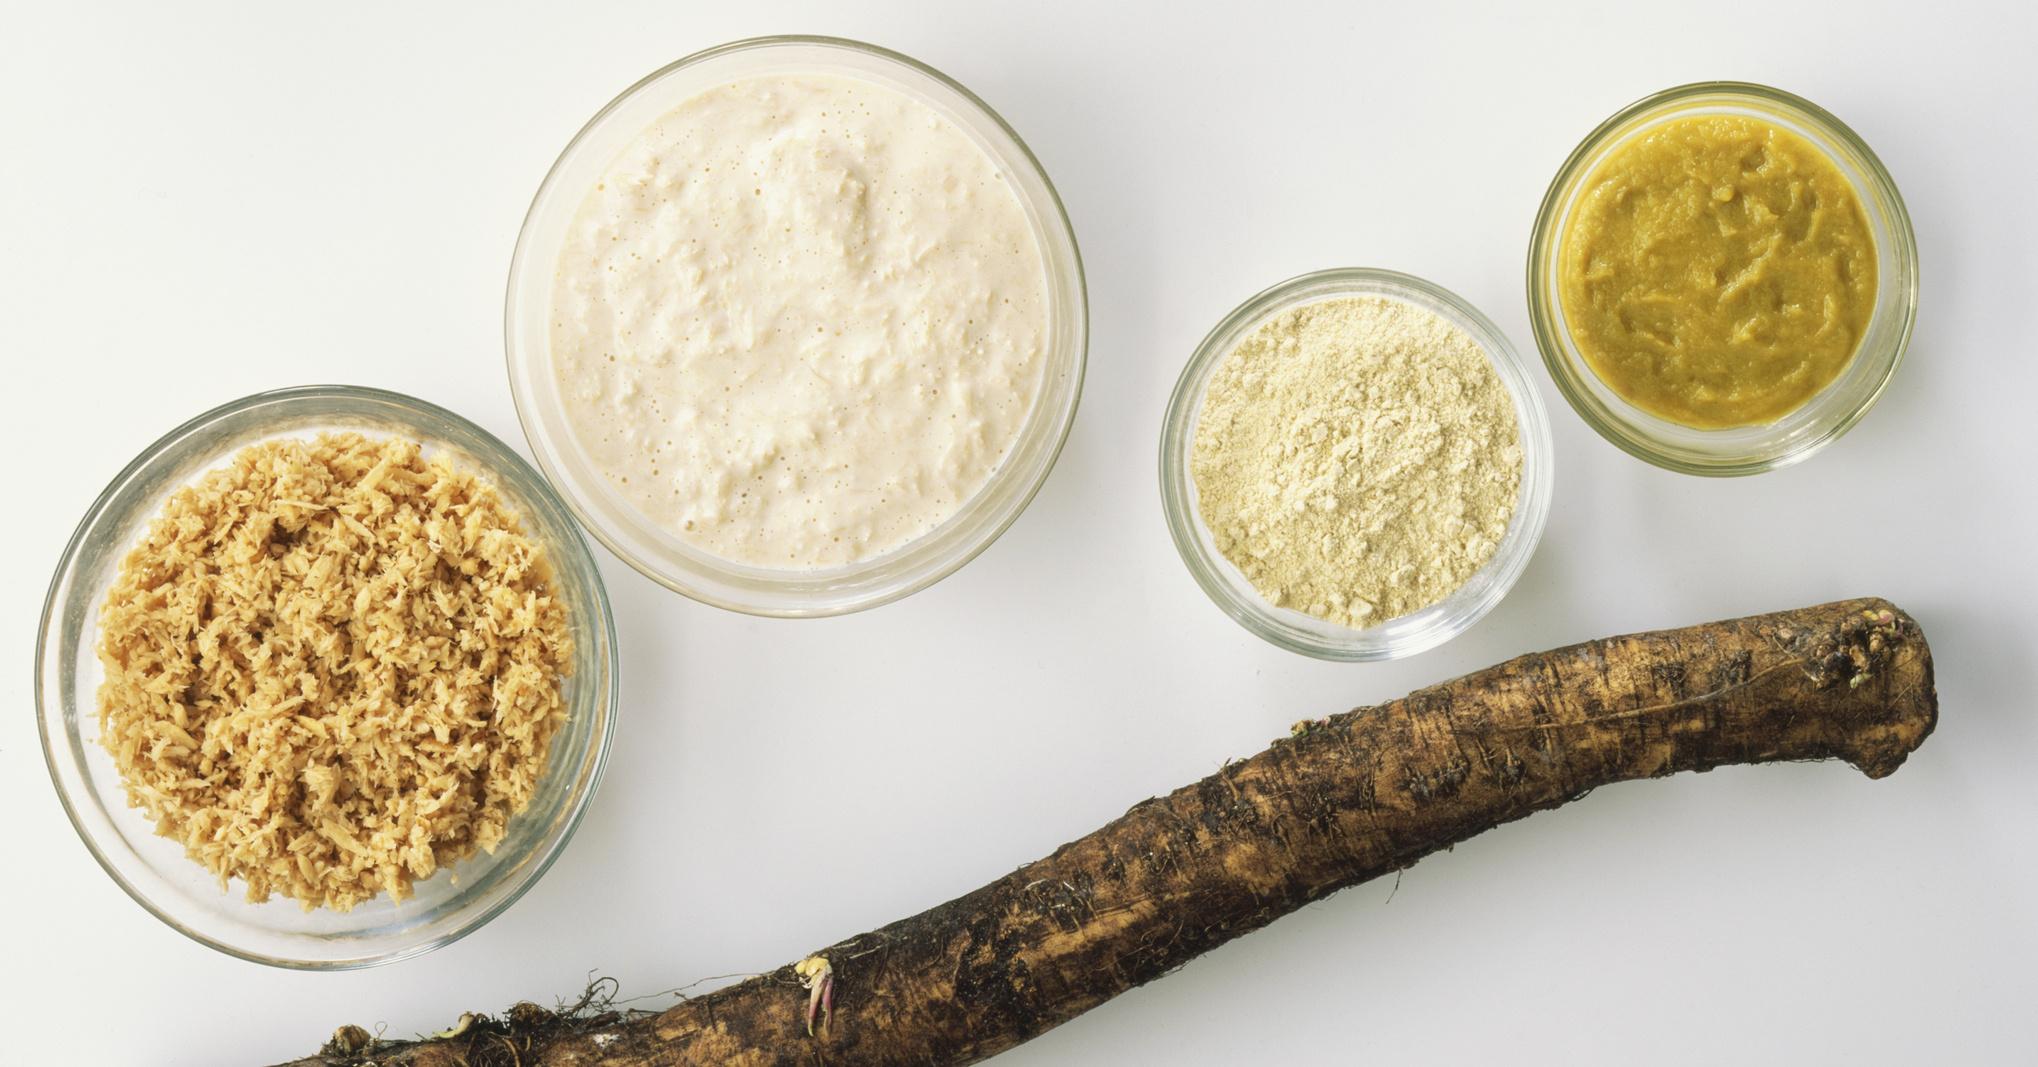 Как приготовить хрен в домашних условиях — рецепты и лечебные свойства корней хрена